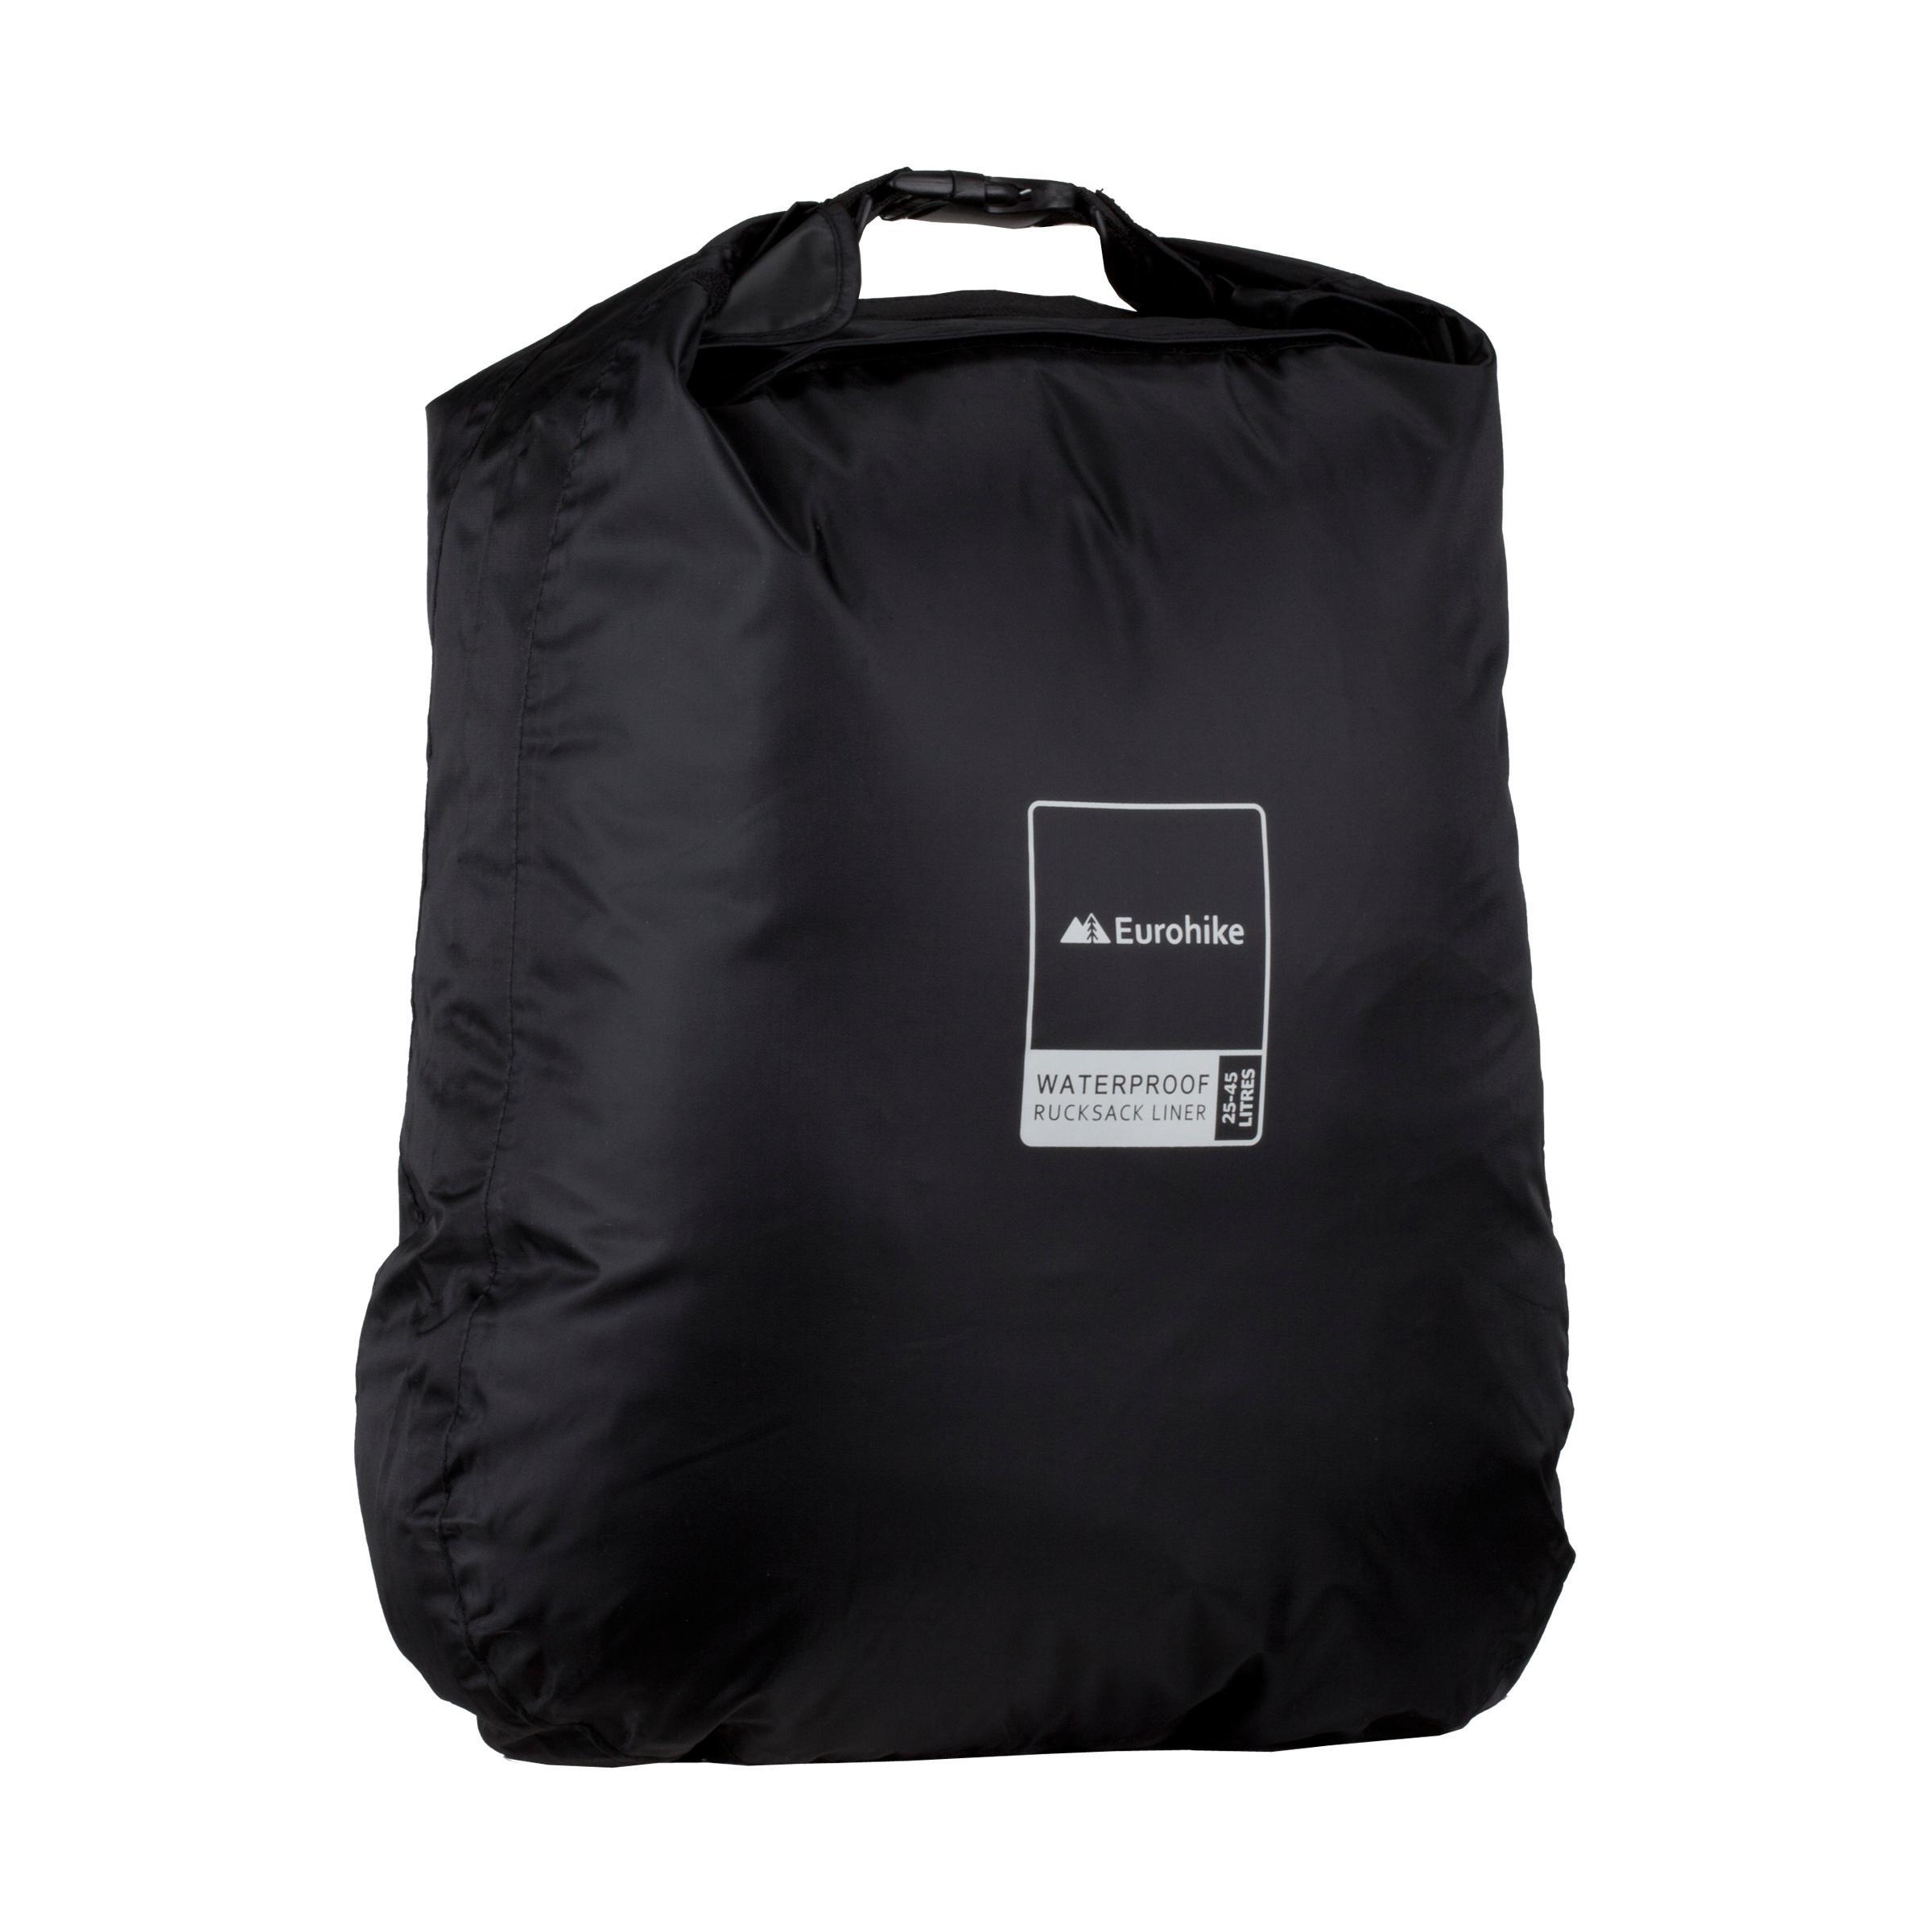 Eurohike Waterproof Rucksack Liner 2545L Black